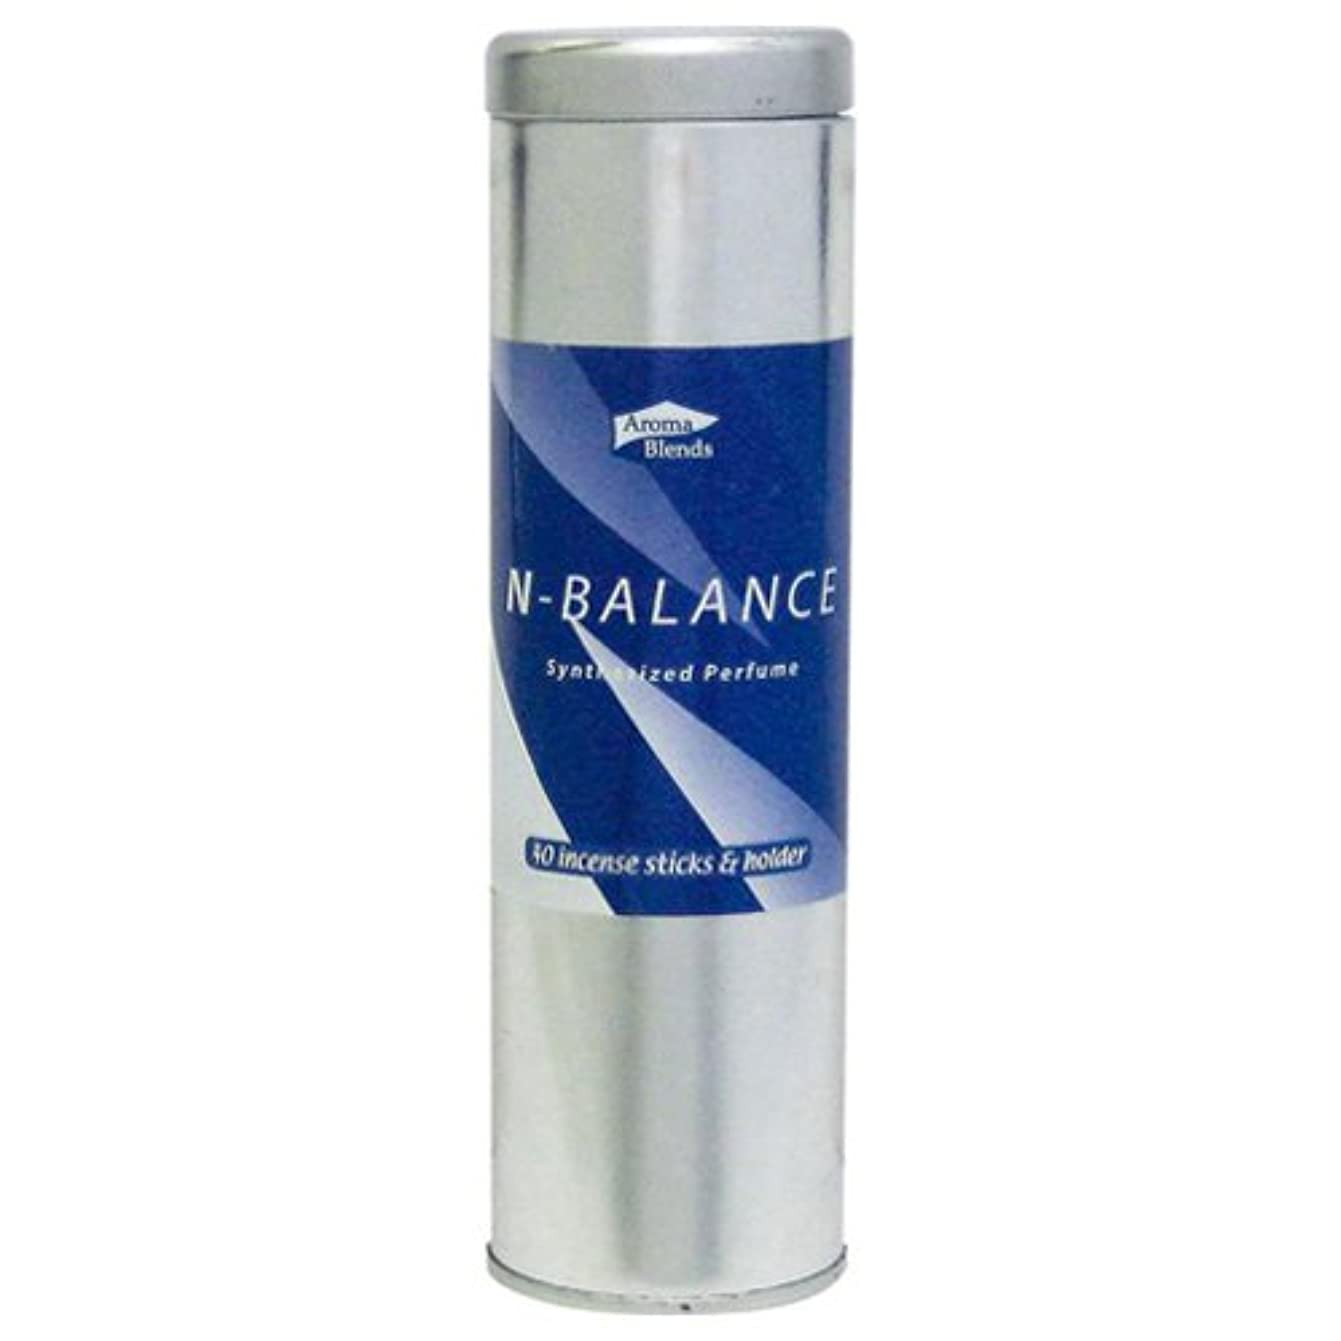 まばたき仕事に行く祈りAB-CIS-4 シンセサイズドパフューム アロマブレンド 缶インセンススティックセット 6個セット Nバランス